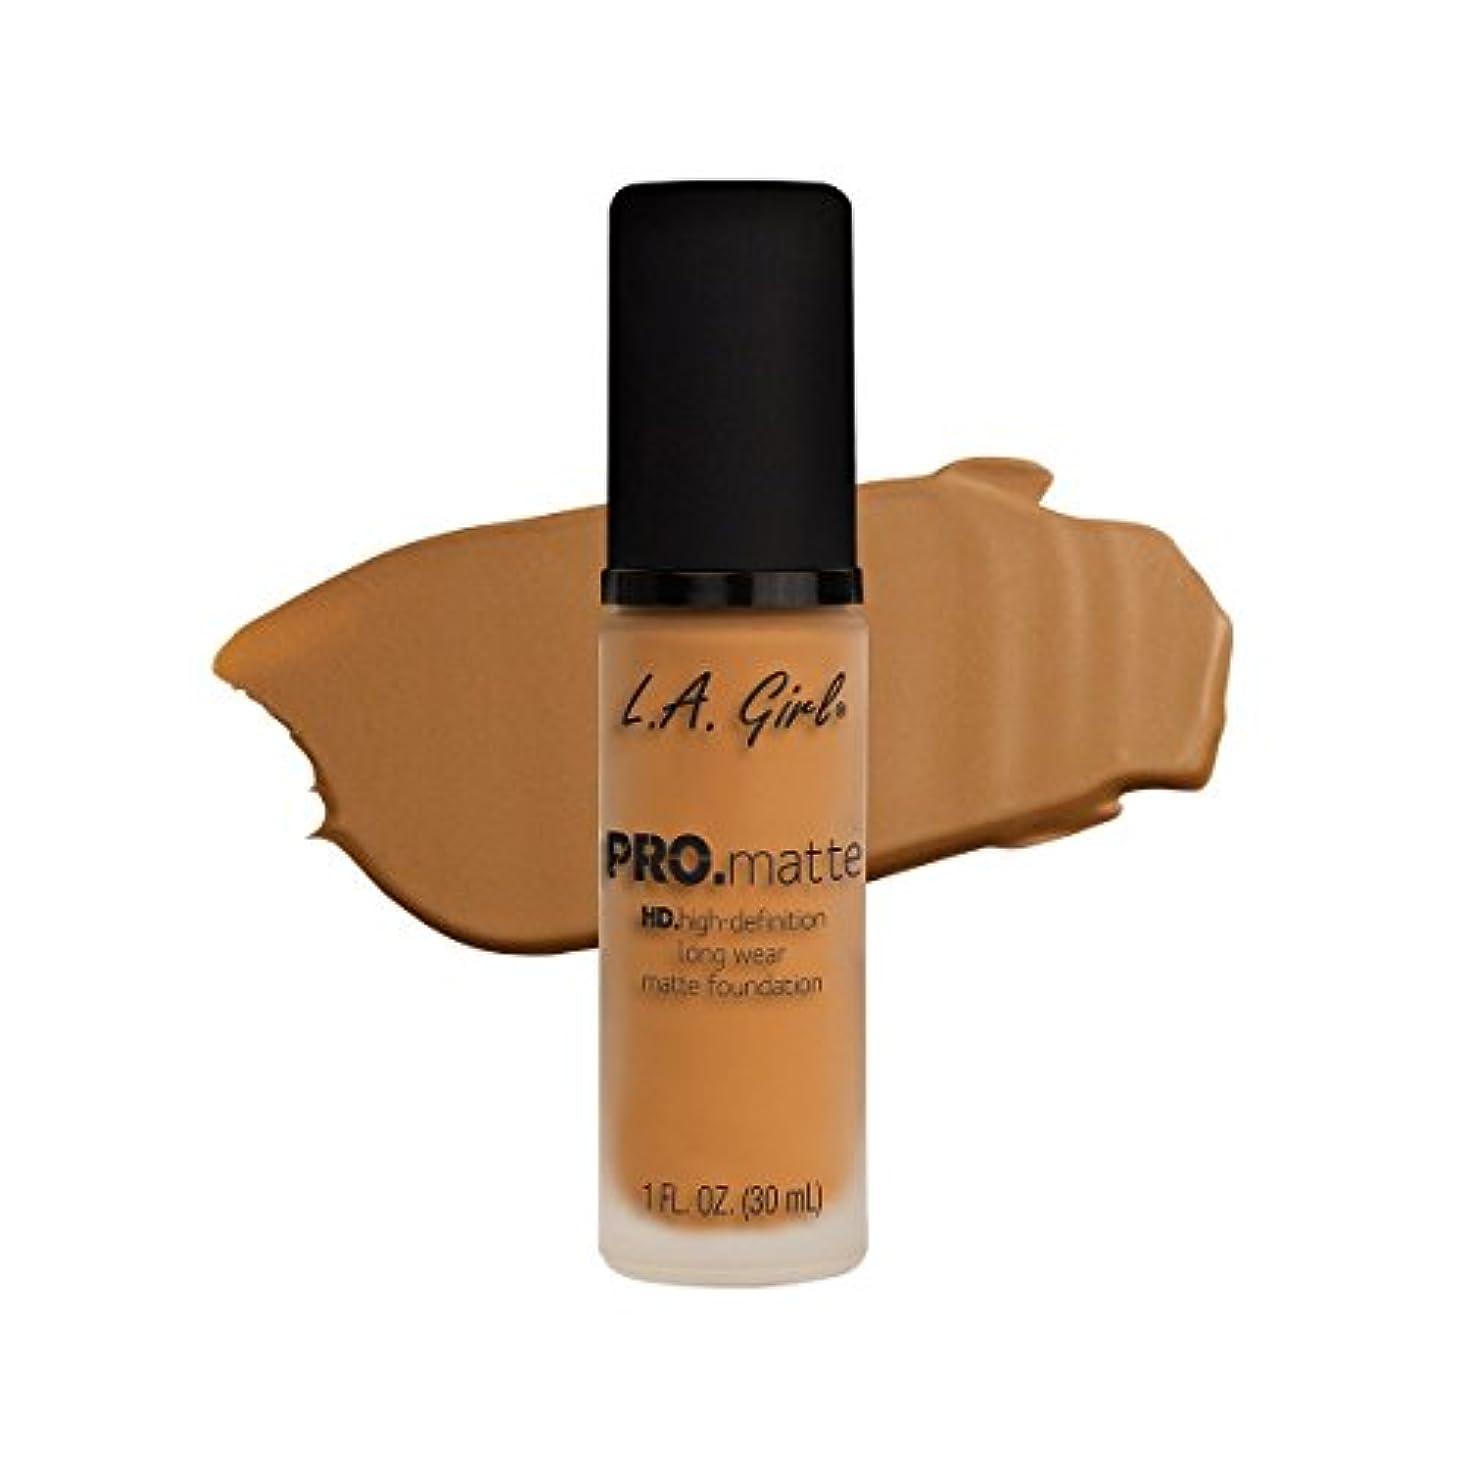 交渉する精神人口(3 Pack) L.A. GIRL Pro Matte Foundation - Golden Bronze (並行輸入品)